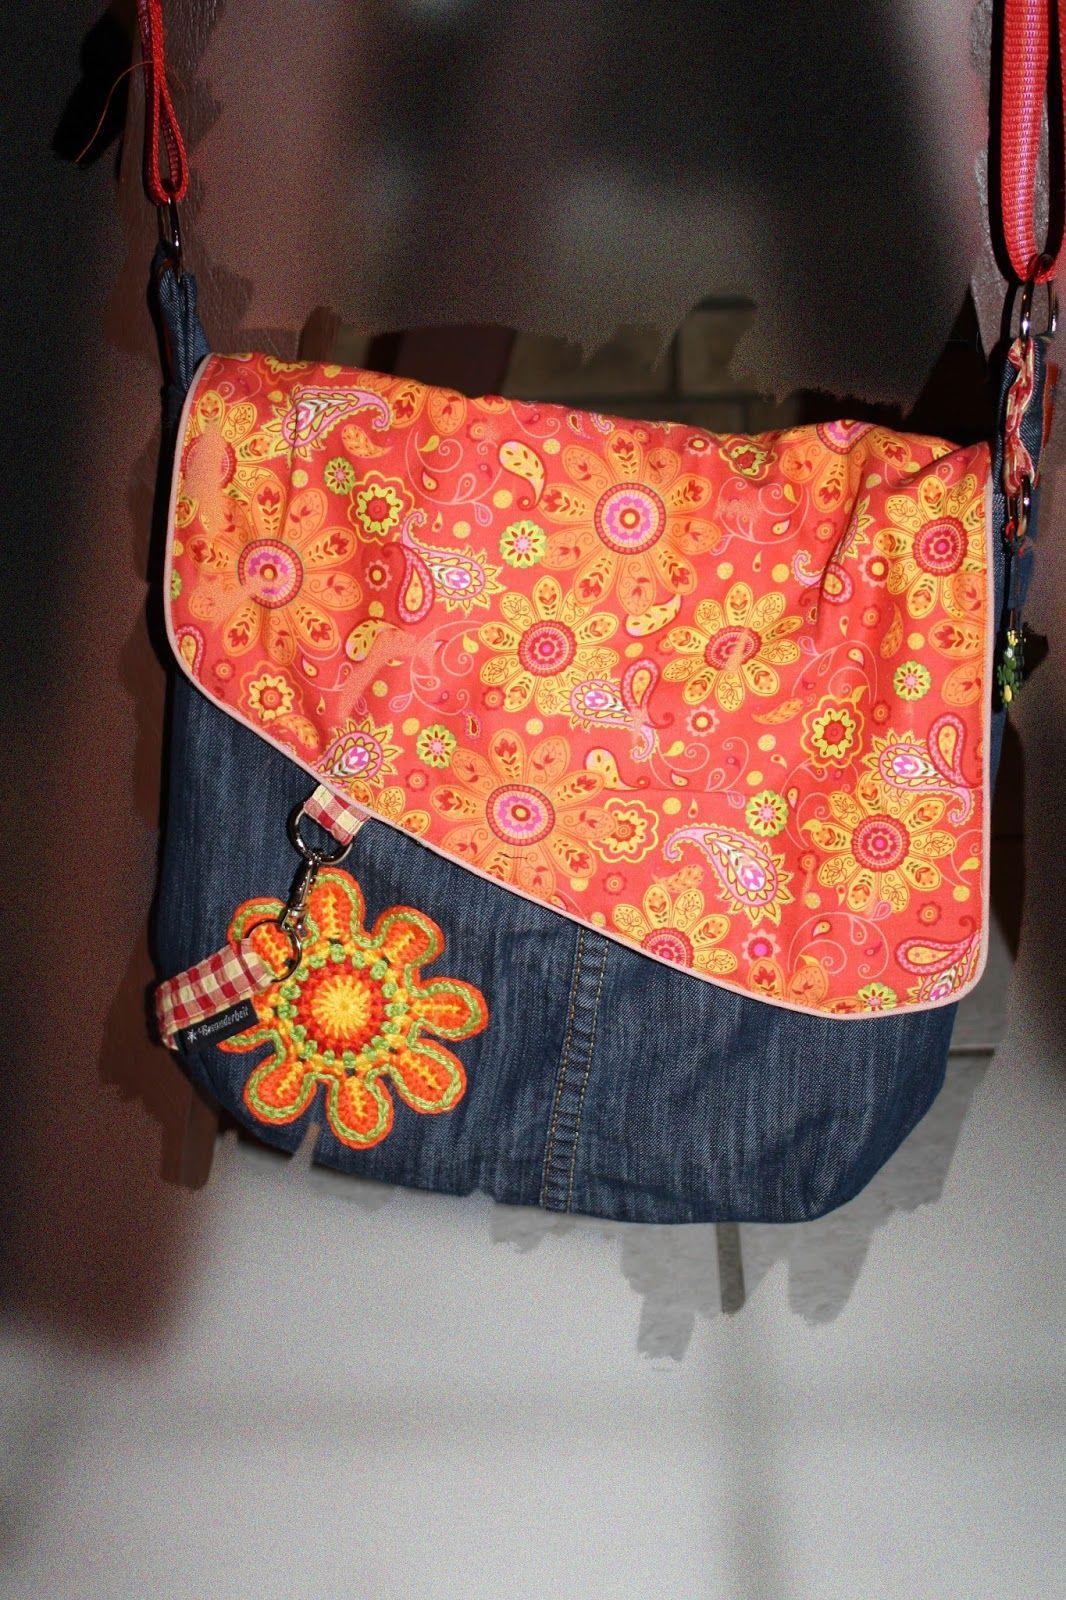 meine tasche nach eigenem schnitt recycled aus alter jeans alles meins. Black Bedroom Furniture Sets. Home Design Ideas